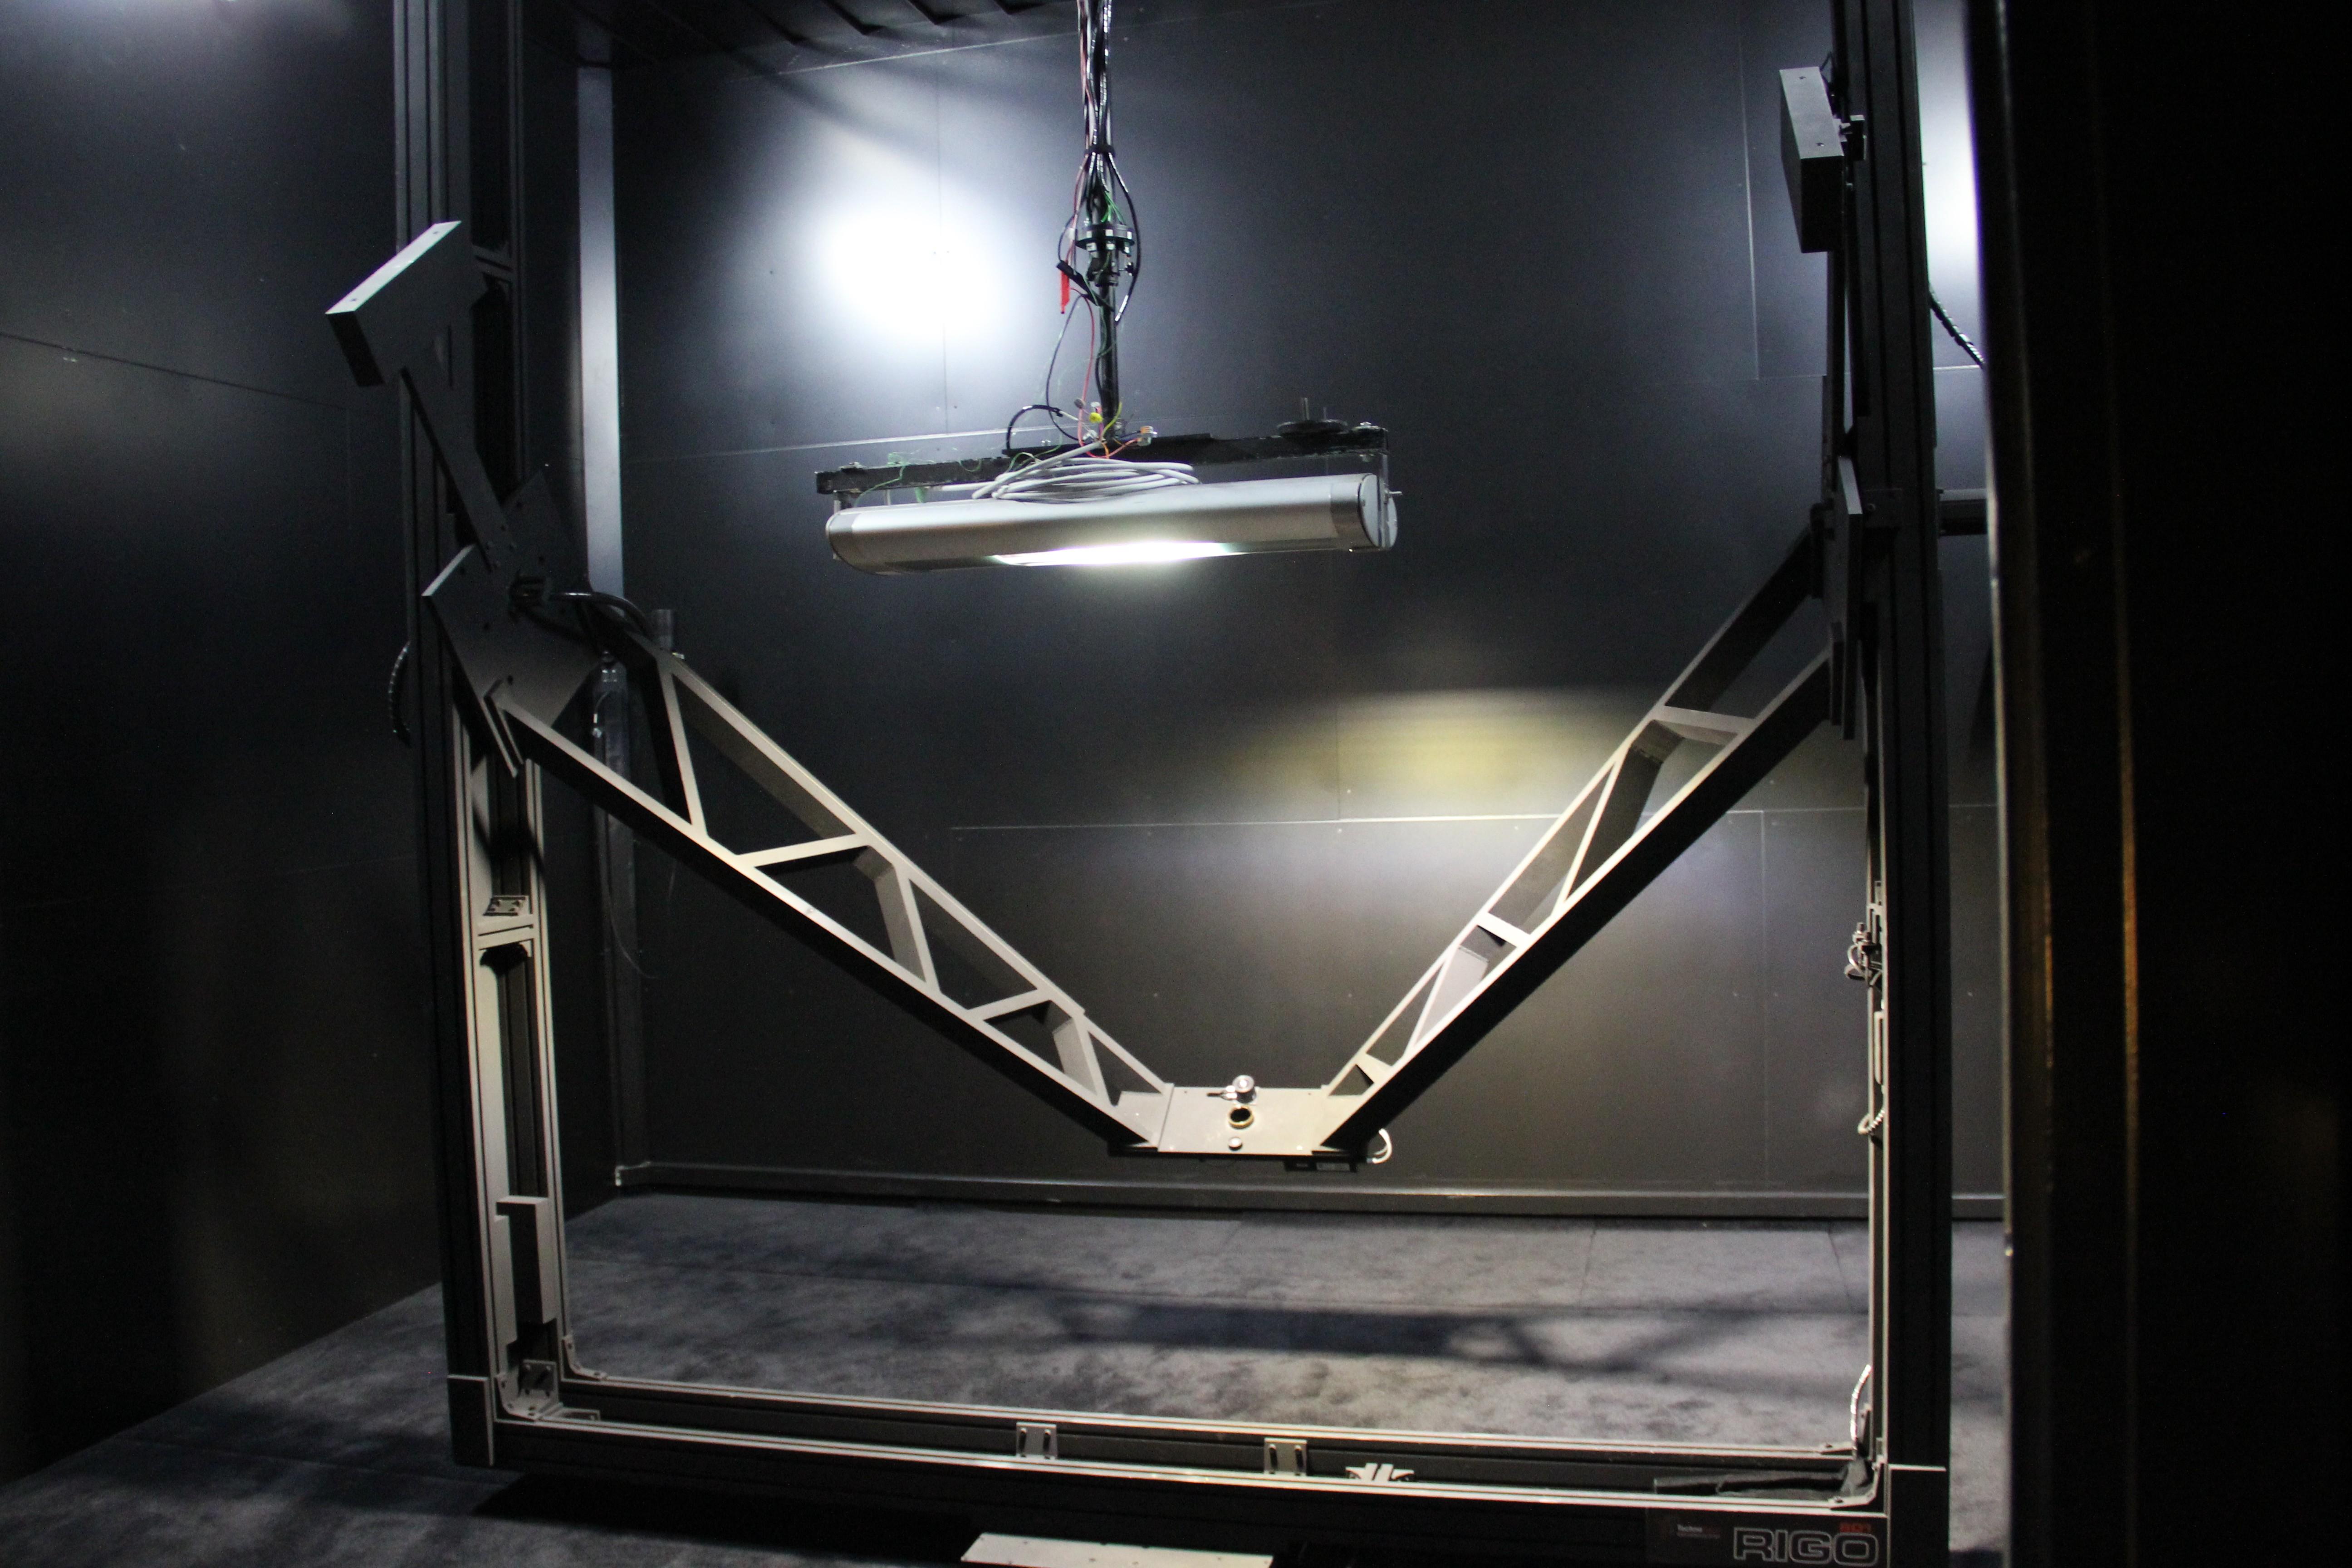 Hallenbeleuchtung: optimales LED Licht für Ihre ArbeitWir